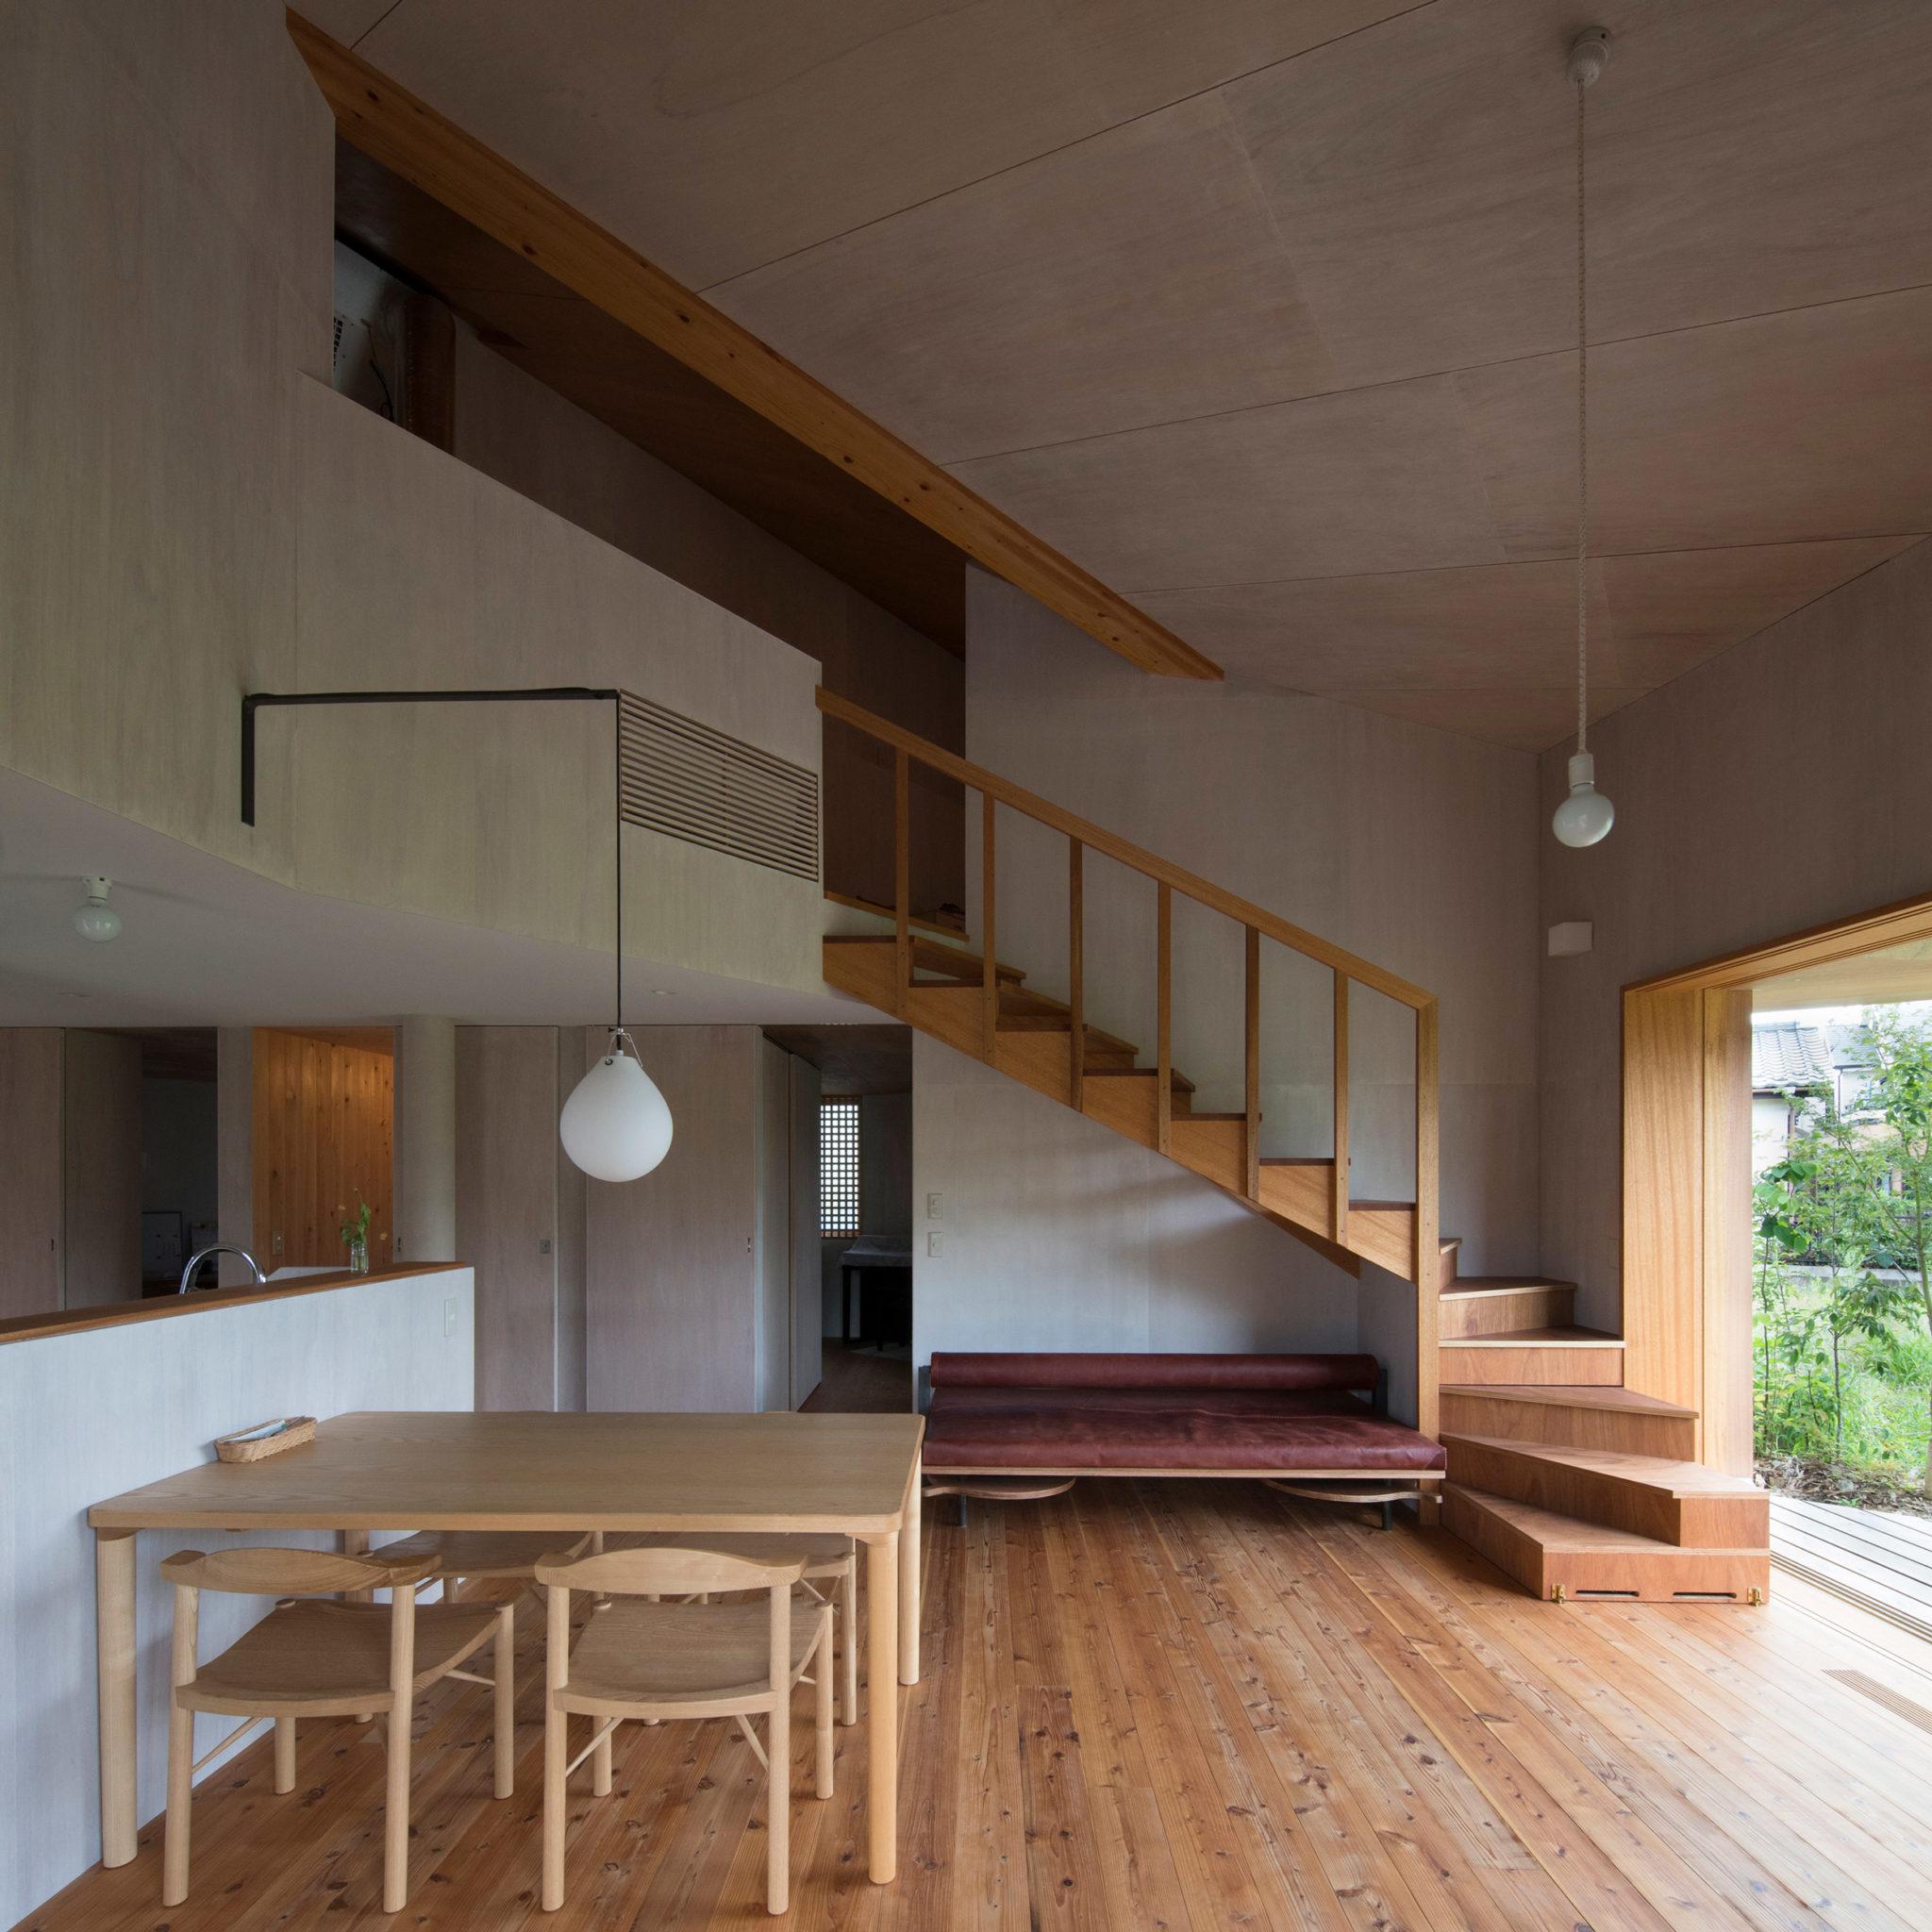 リビングと二階へ繋がる階段